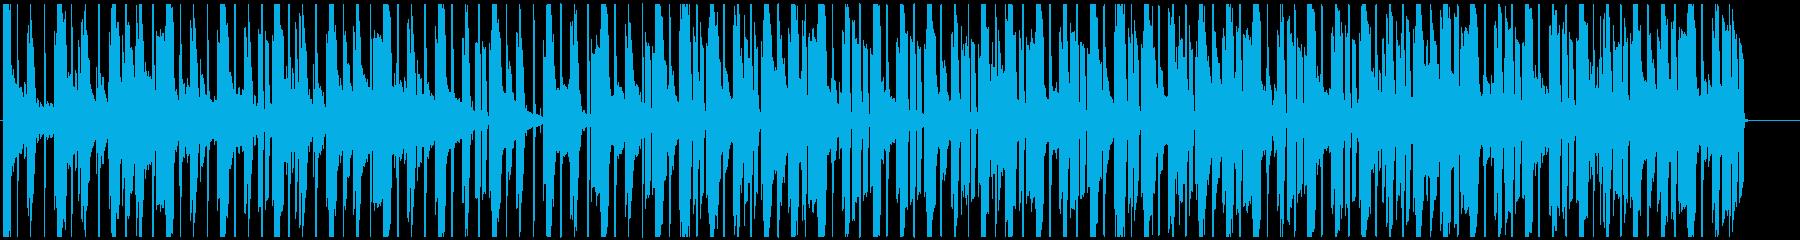 チルアウト明るく穏やかなイメージのR&Bの再生済みの波形